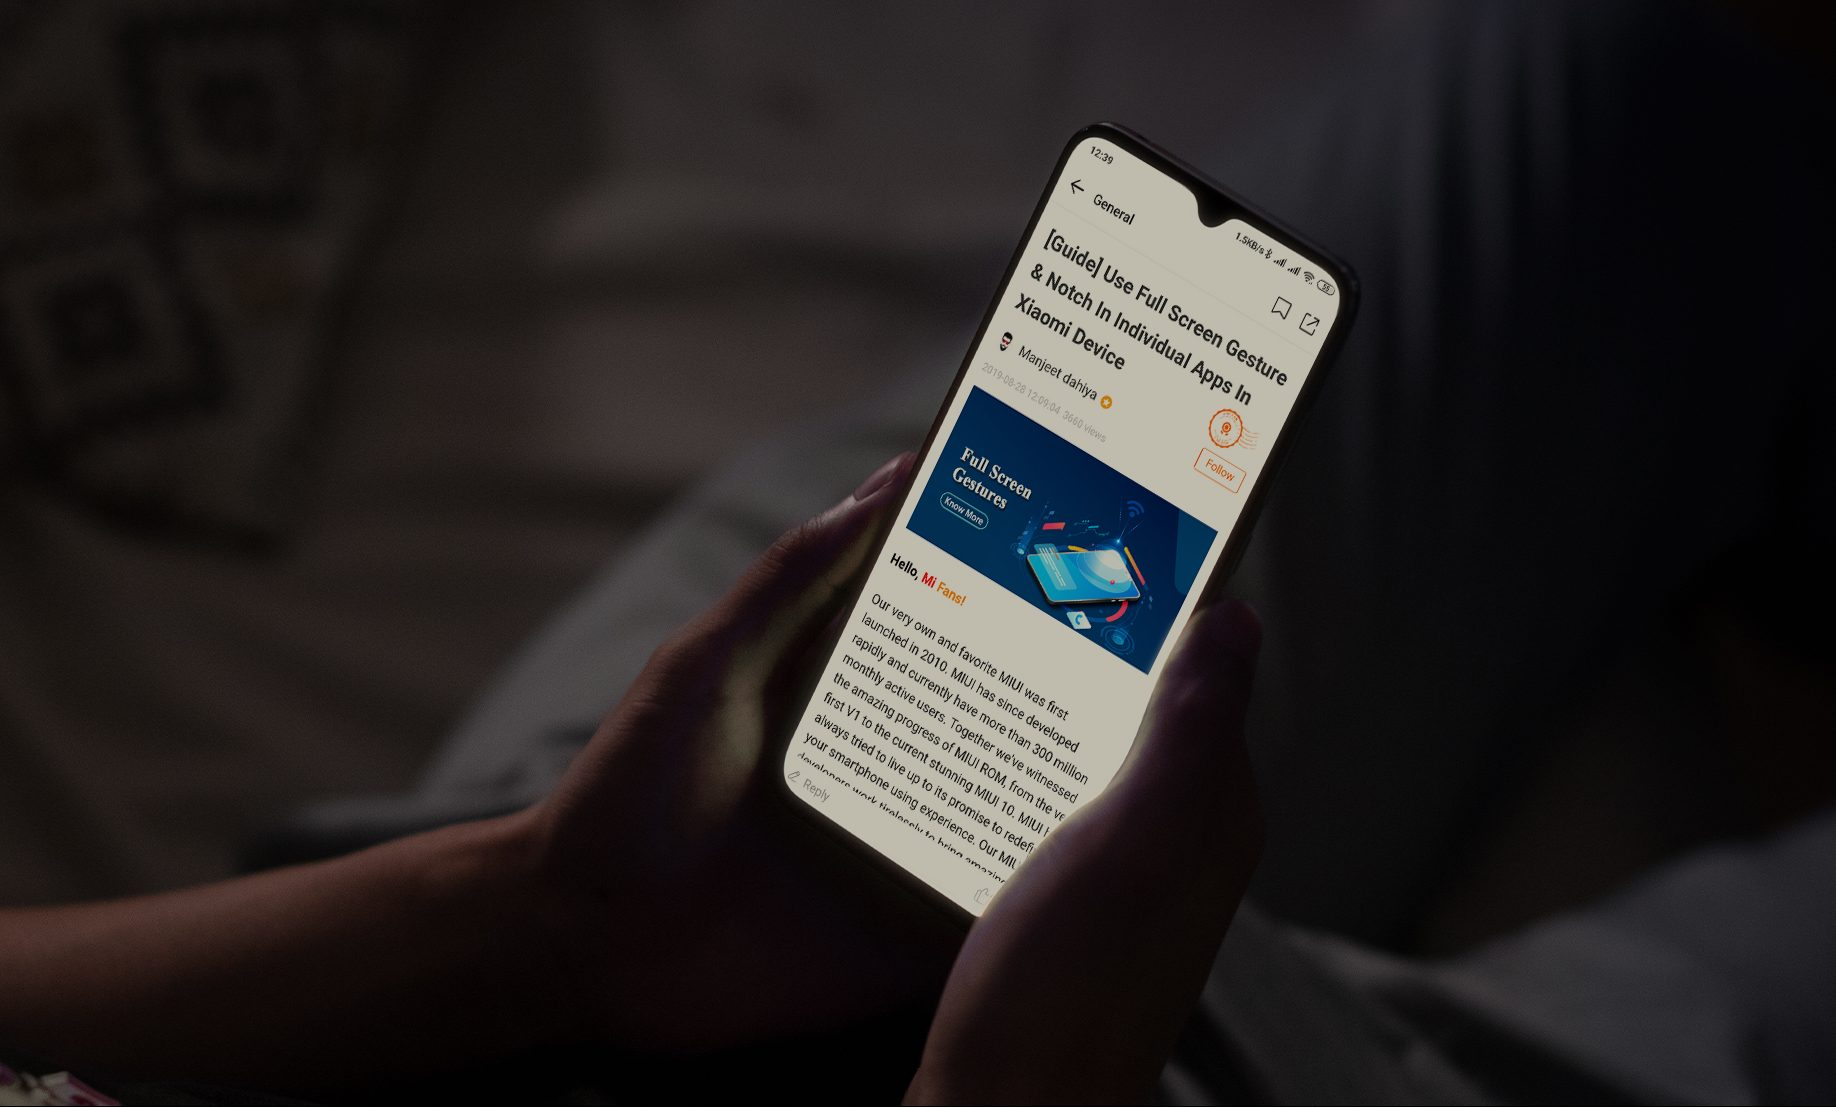 Qué es y como activar modo lectura xiaomi simulando el papel. Noticias Xiaomi Adictos